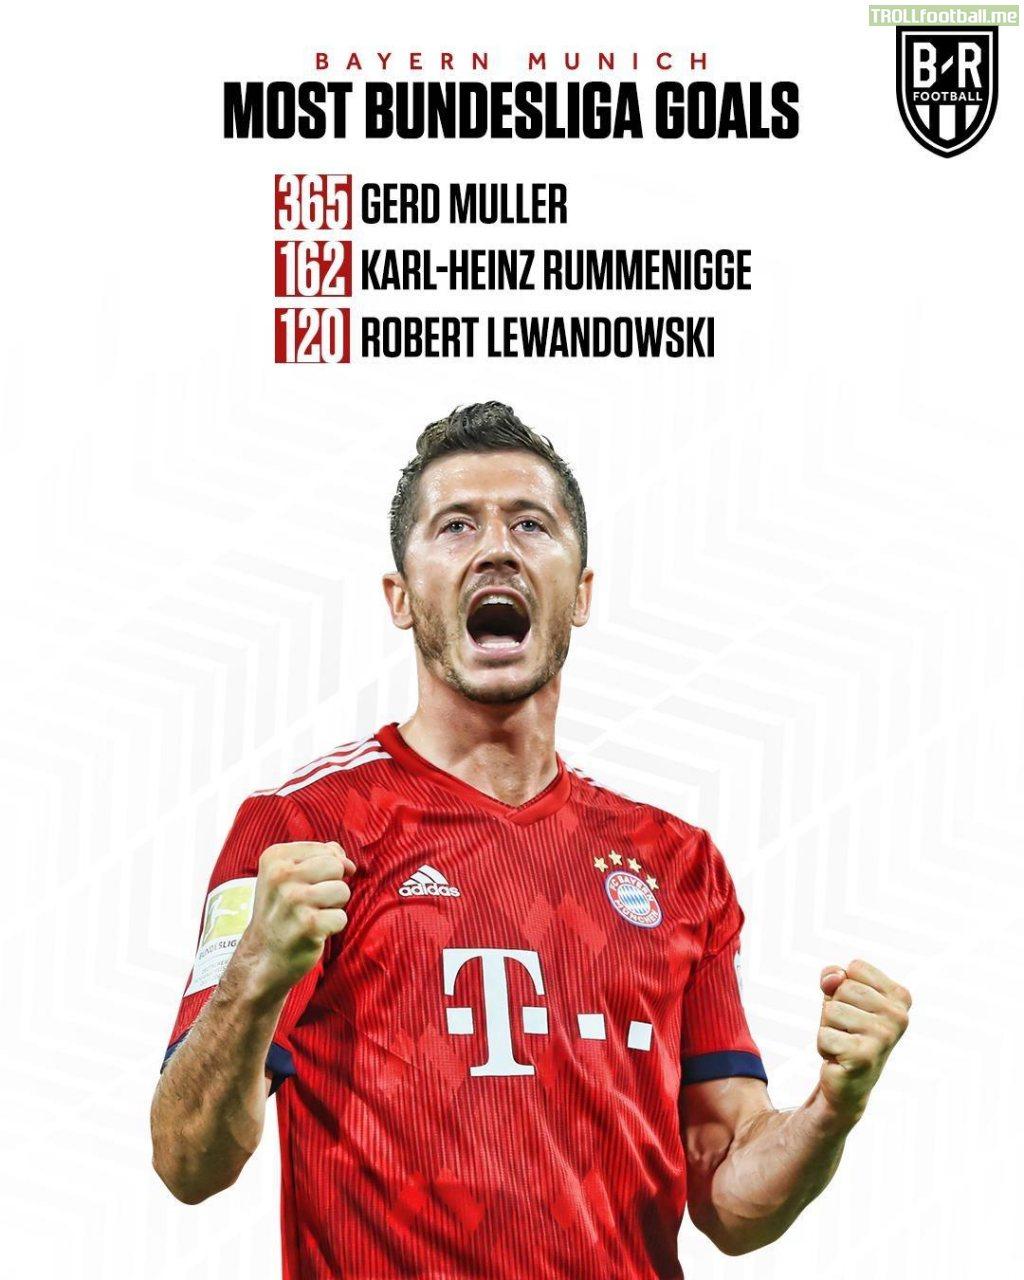 Robert Lewandowski is now Bayern's 3rd highest Bundesliga goal scorer